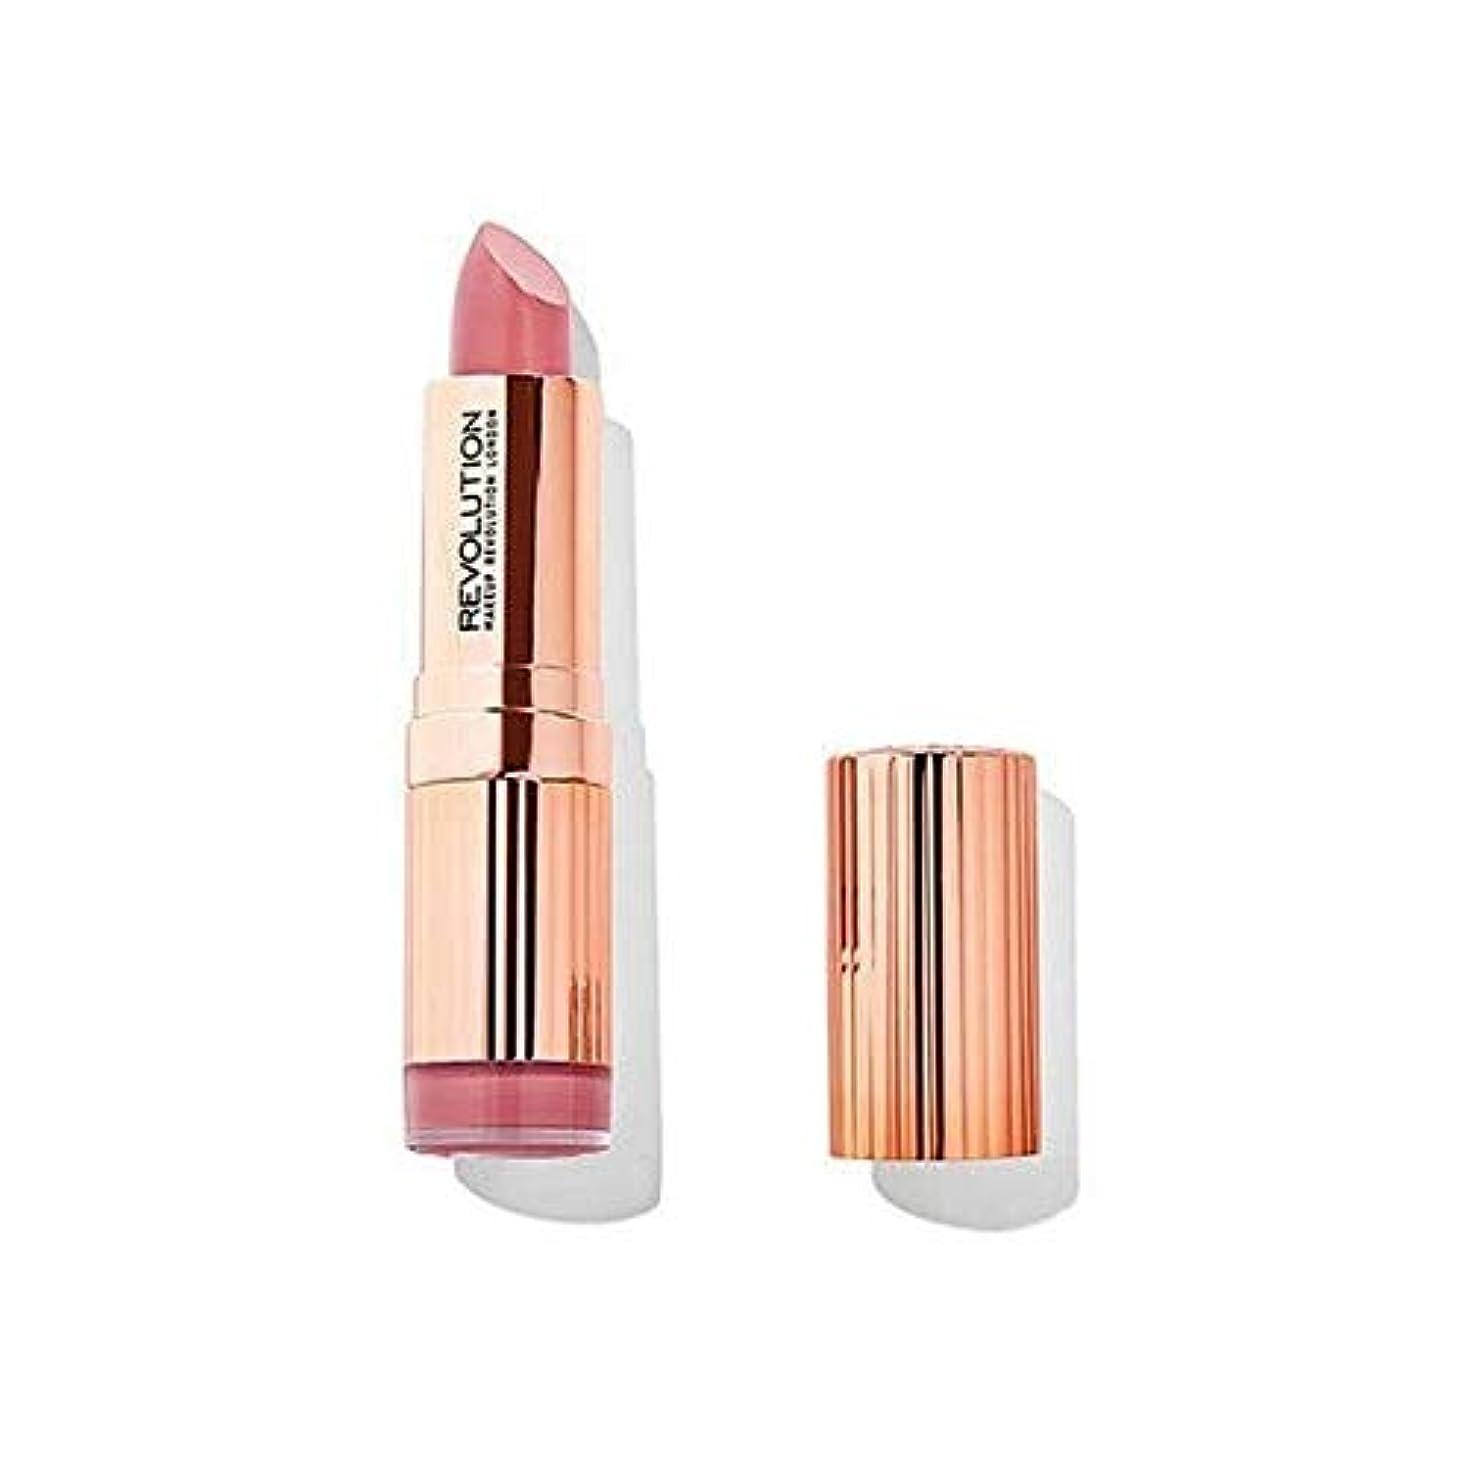 引き潮他にフリッパー[Revolution ] ブレンド革命のルネサンス口紅 - Revolution Renaissance Lipstick Blended [並行輸入品]